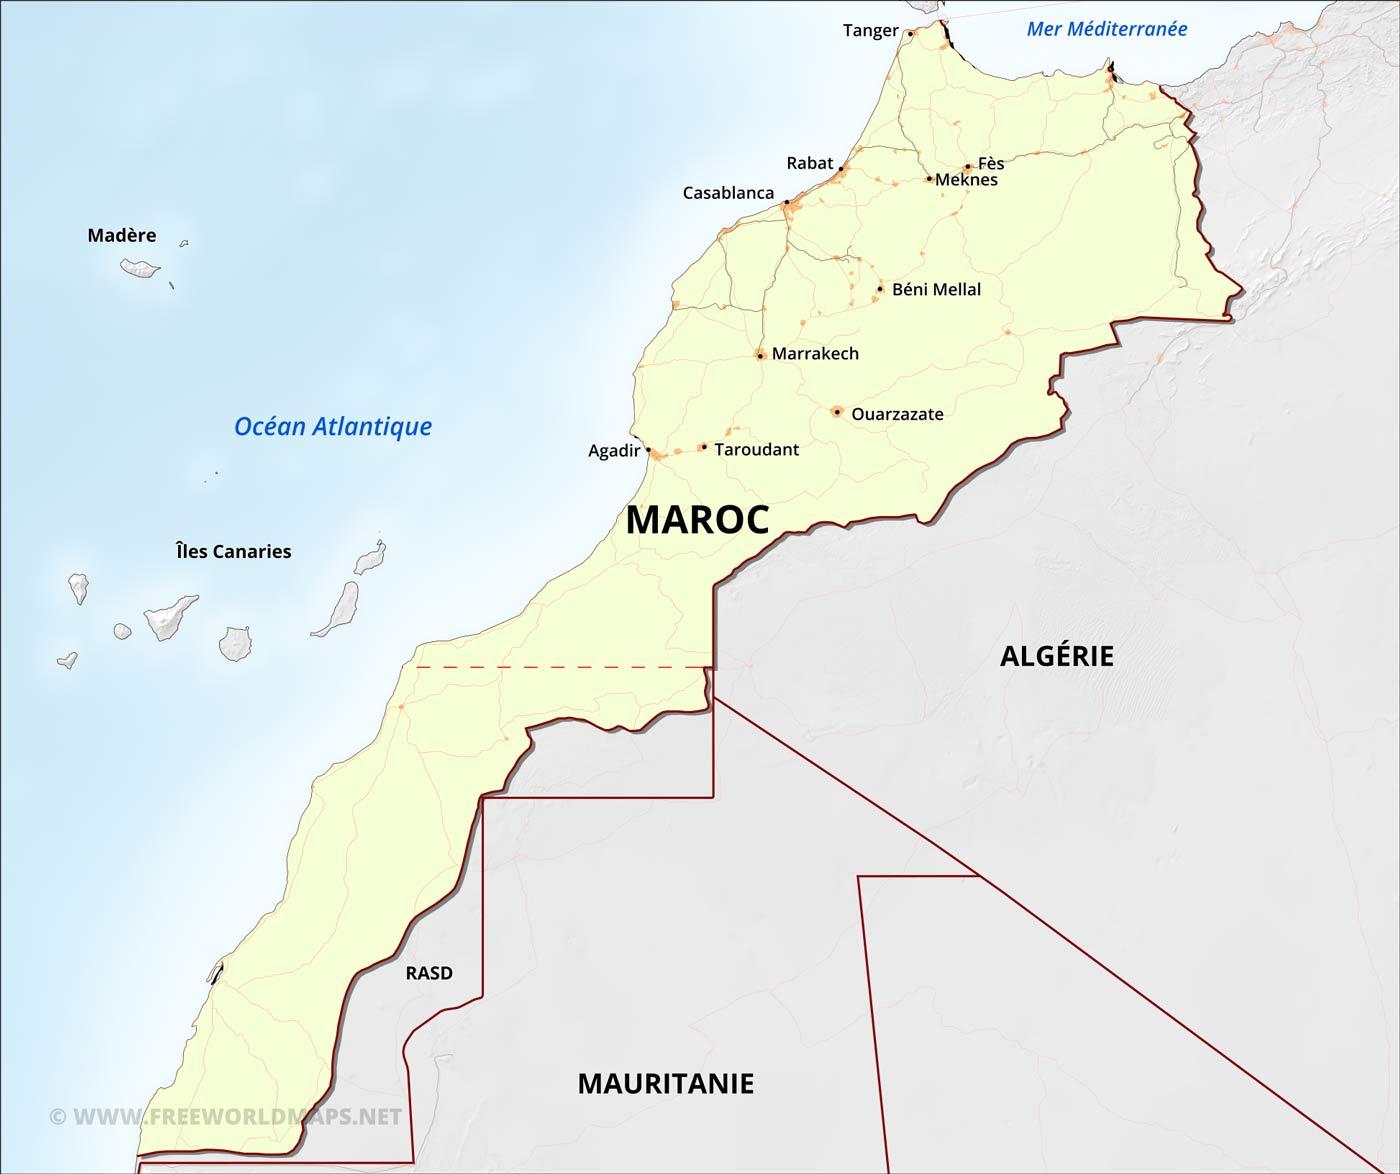 image-de-la-carte-du-maroc-hd